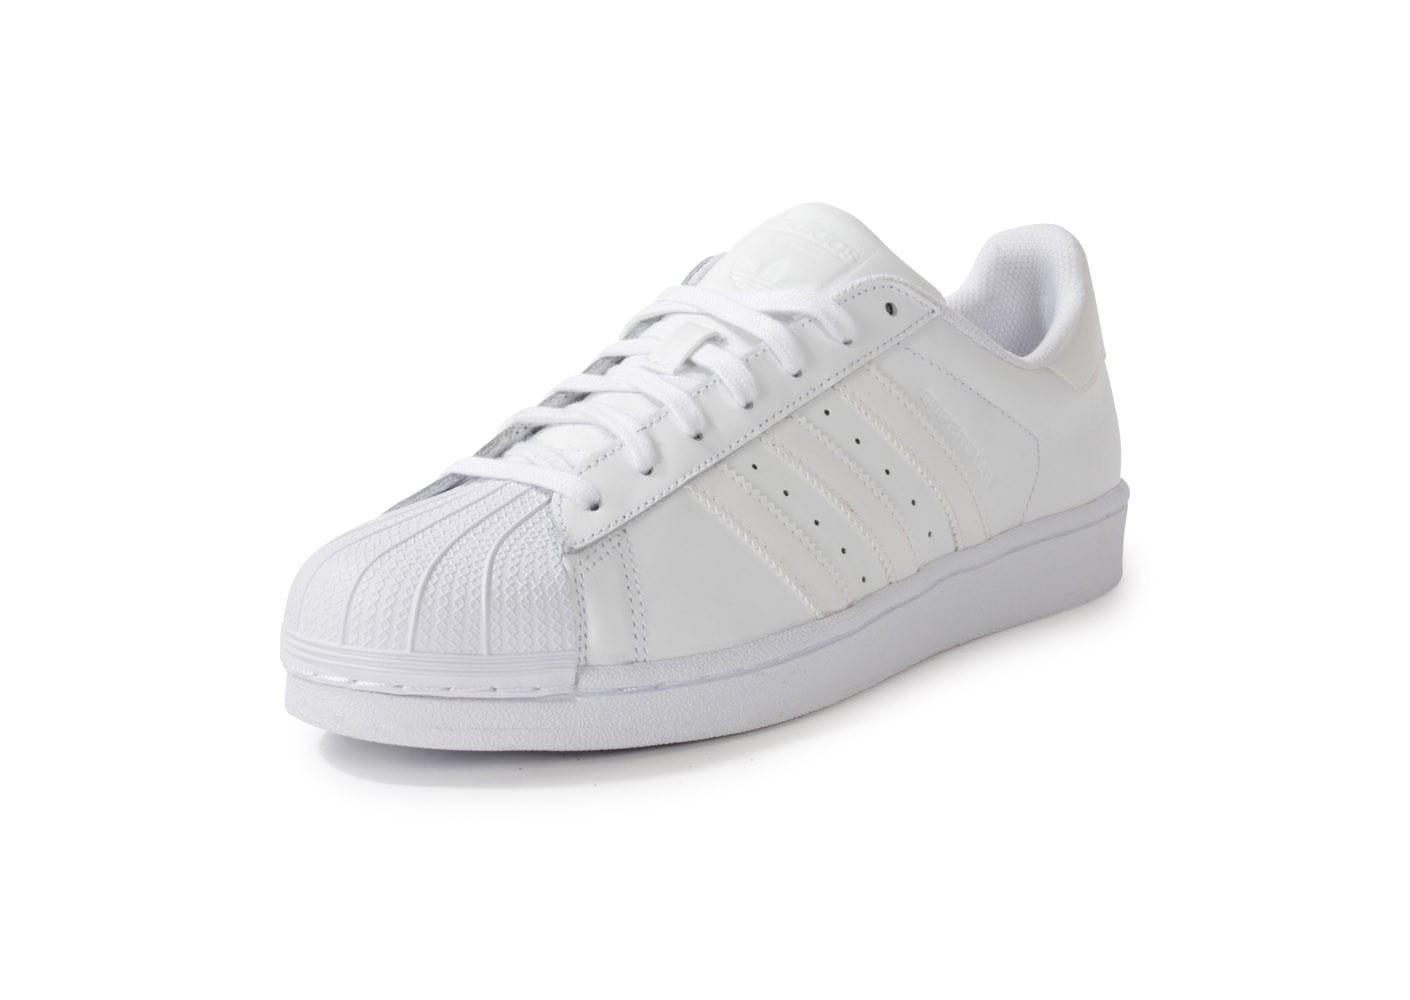 adidas superstar foundation blanche